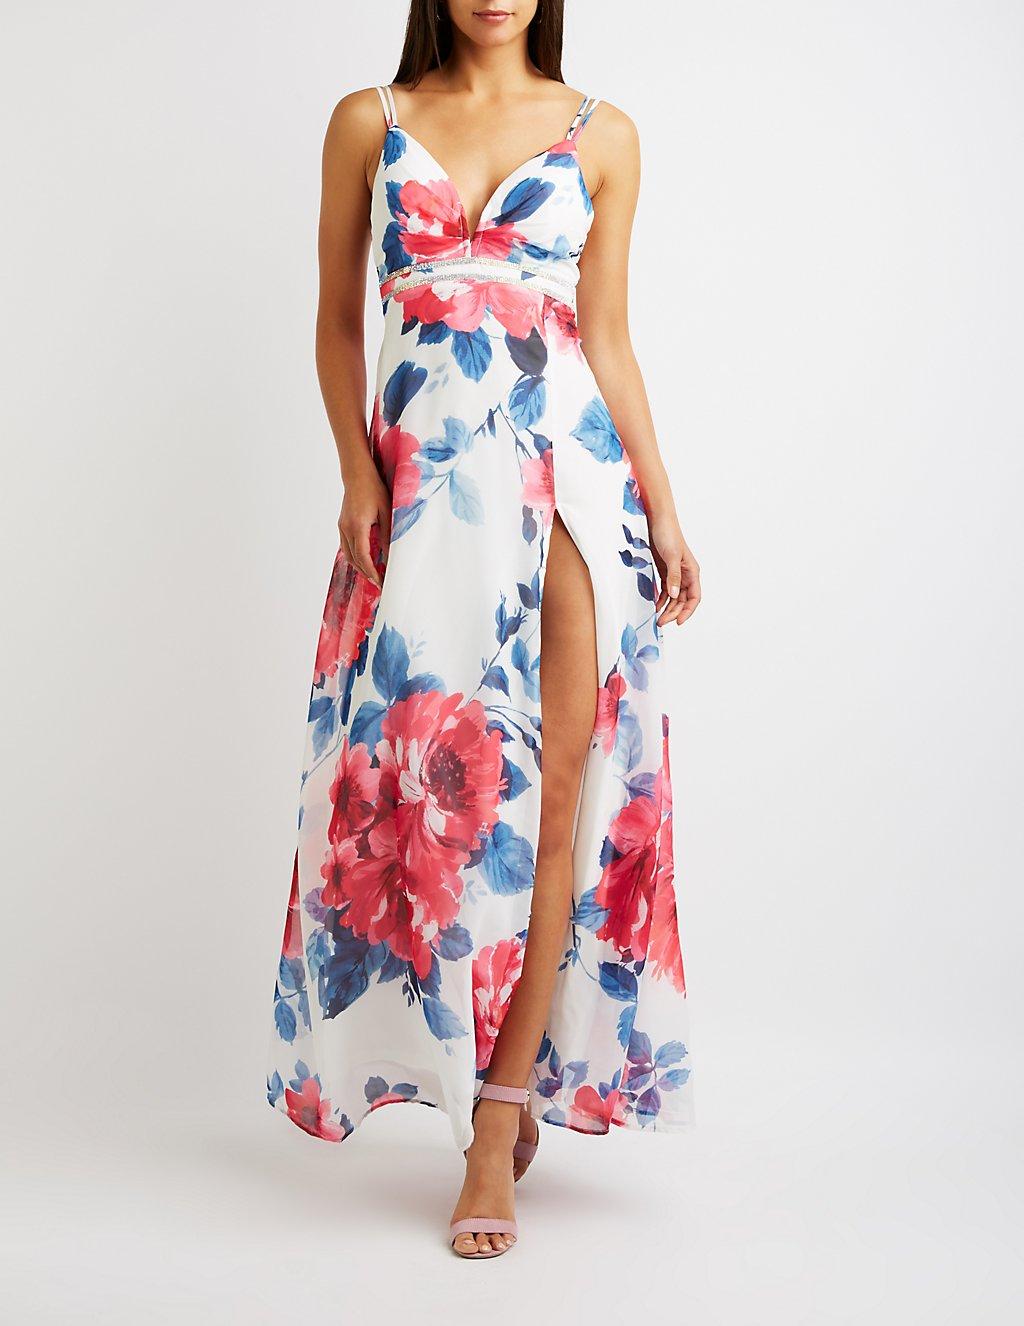 1c461eadf16 35 Romantic Dresses Perfect For Spring – Plum And Proper